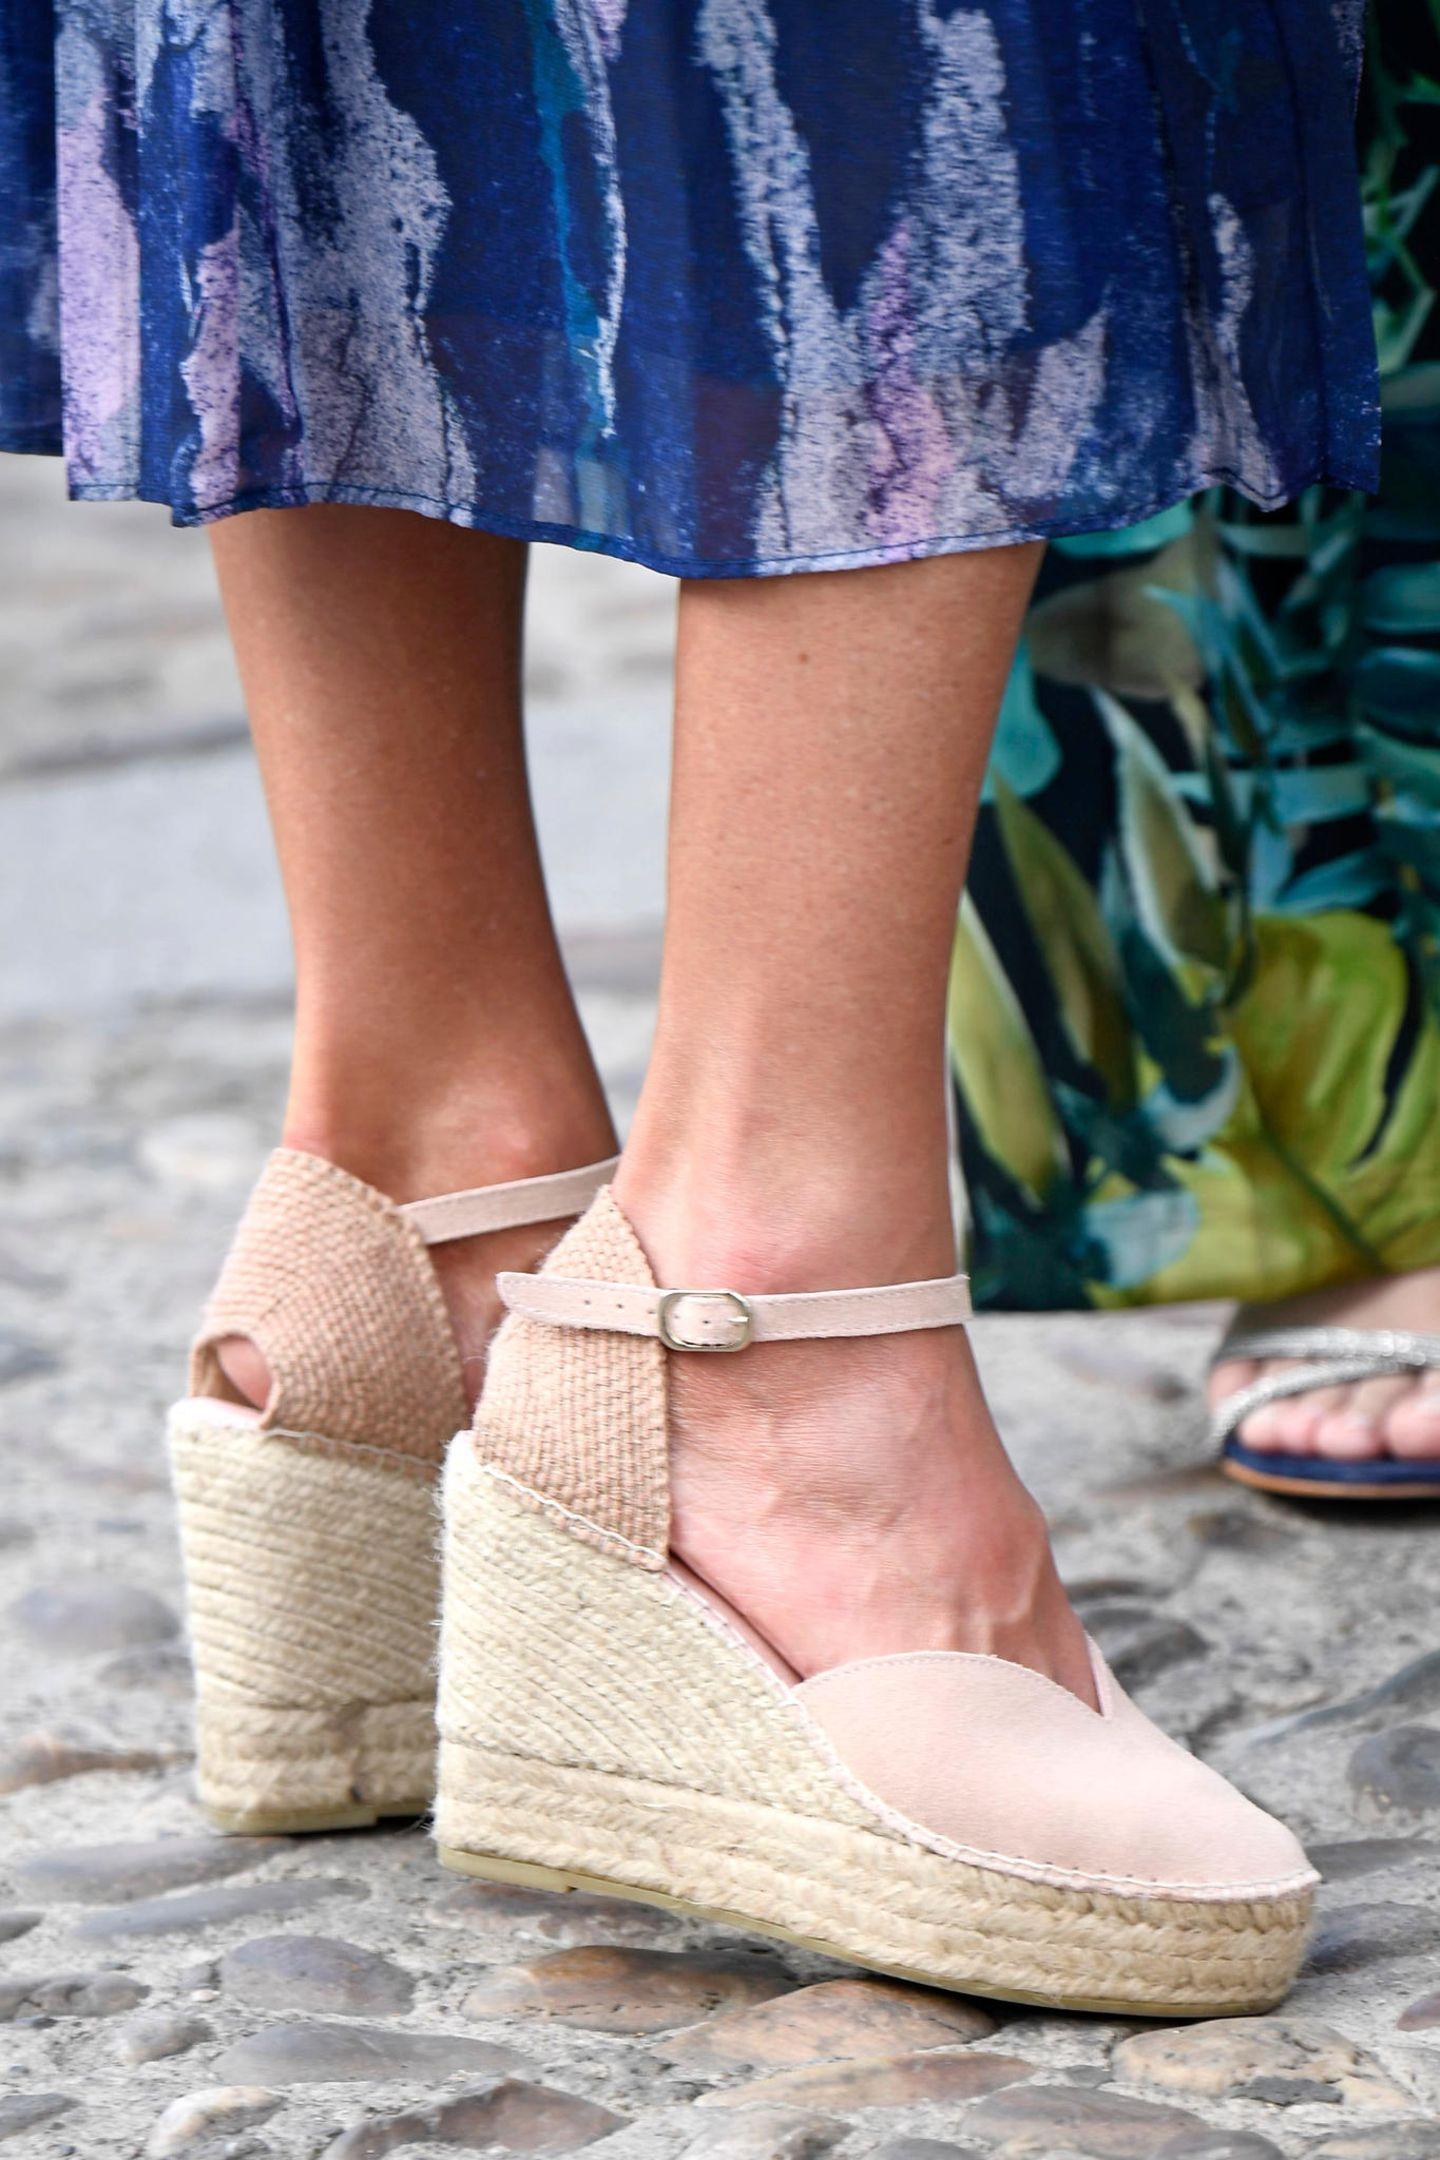 Die zart rosefarbenen Wedges mit Herz-Ausschnitt und Riemchen am Fußgelenk stammen aus der Kollektion des Schuhlabels Macarena.